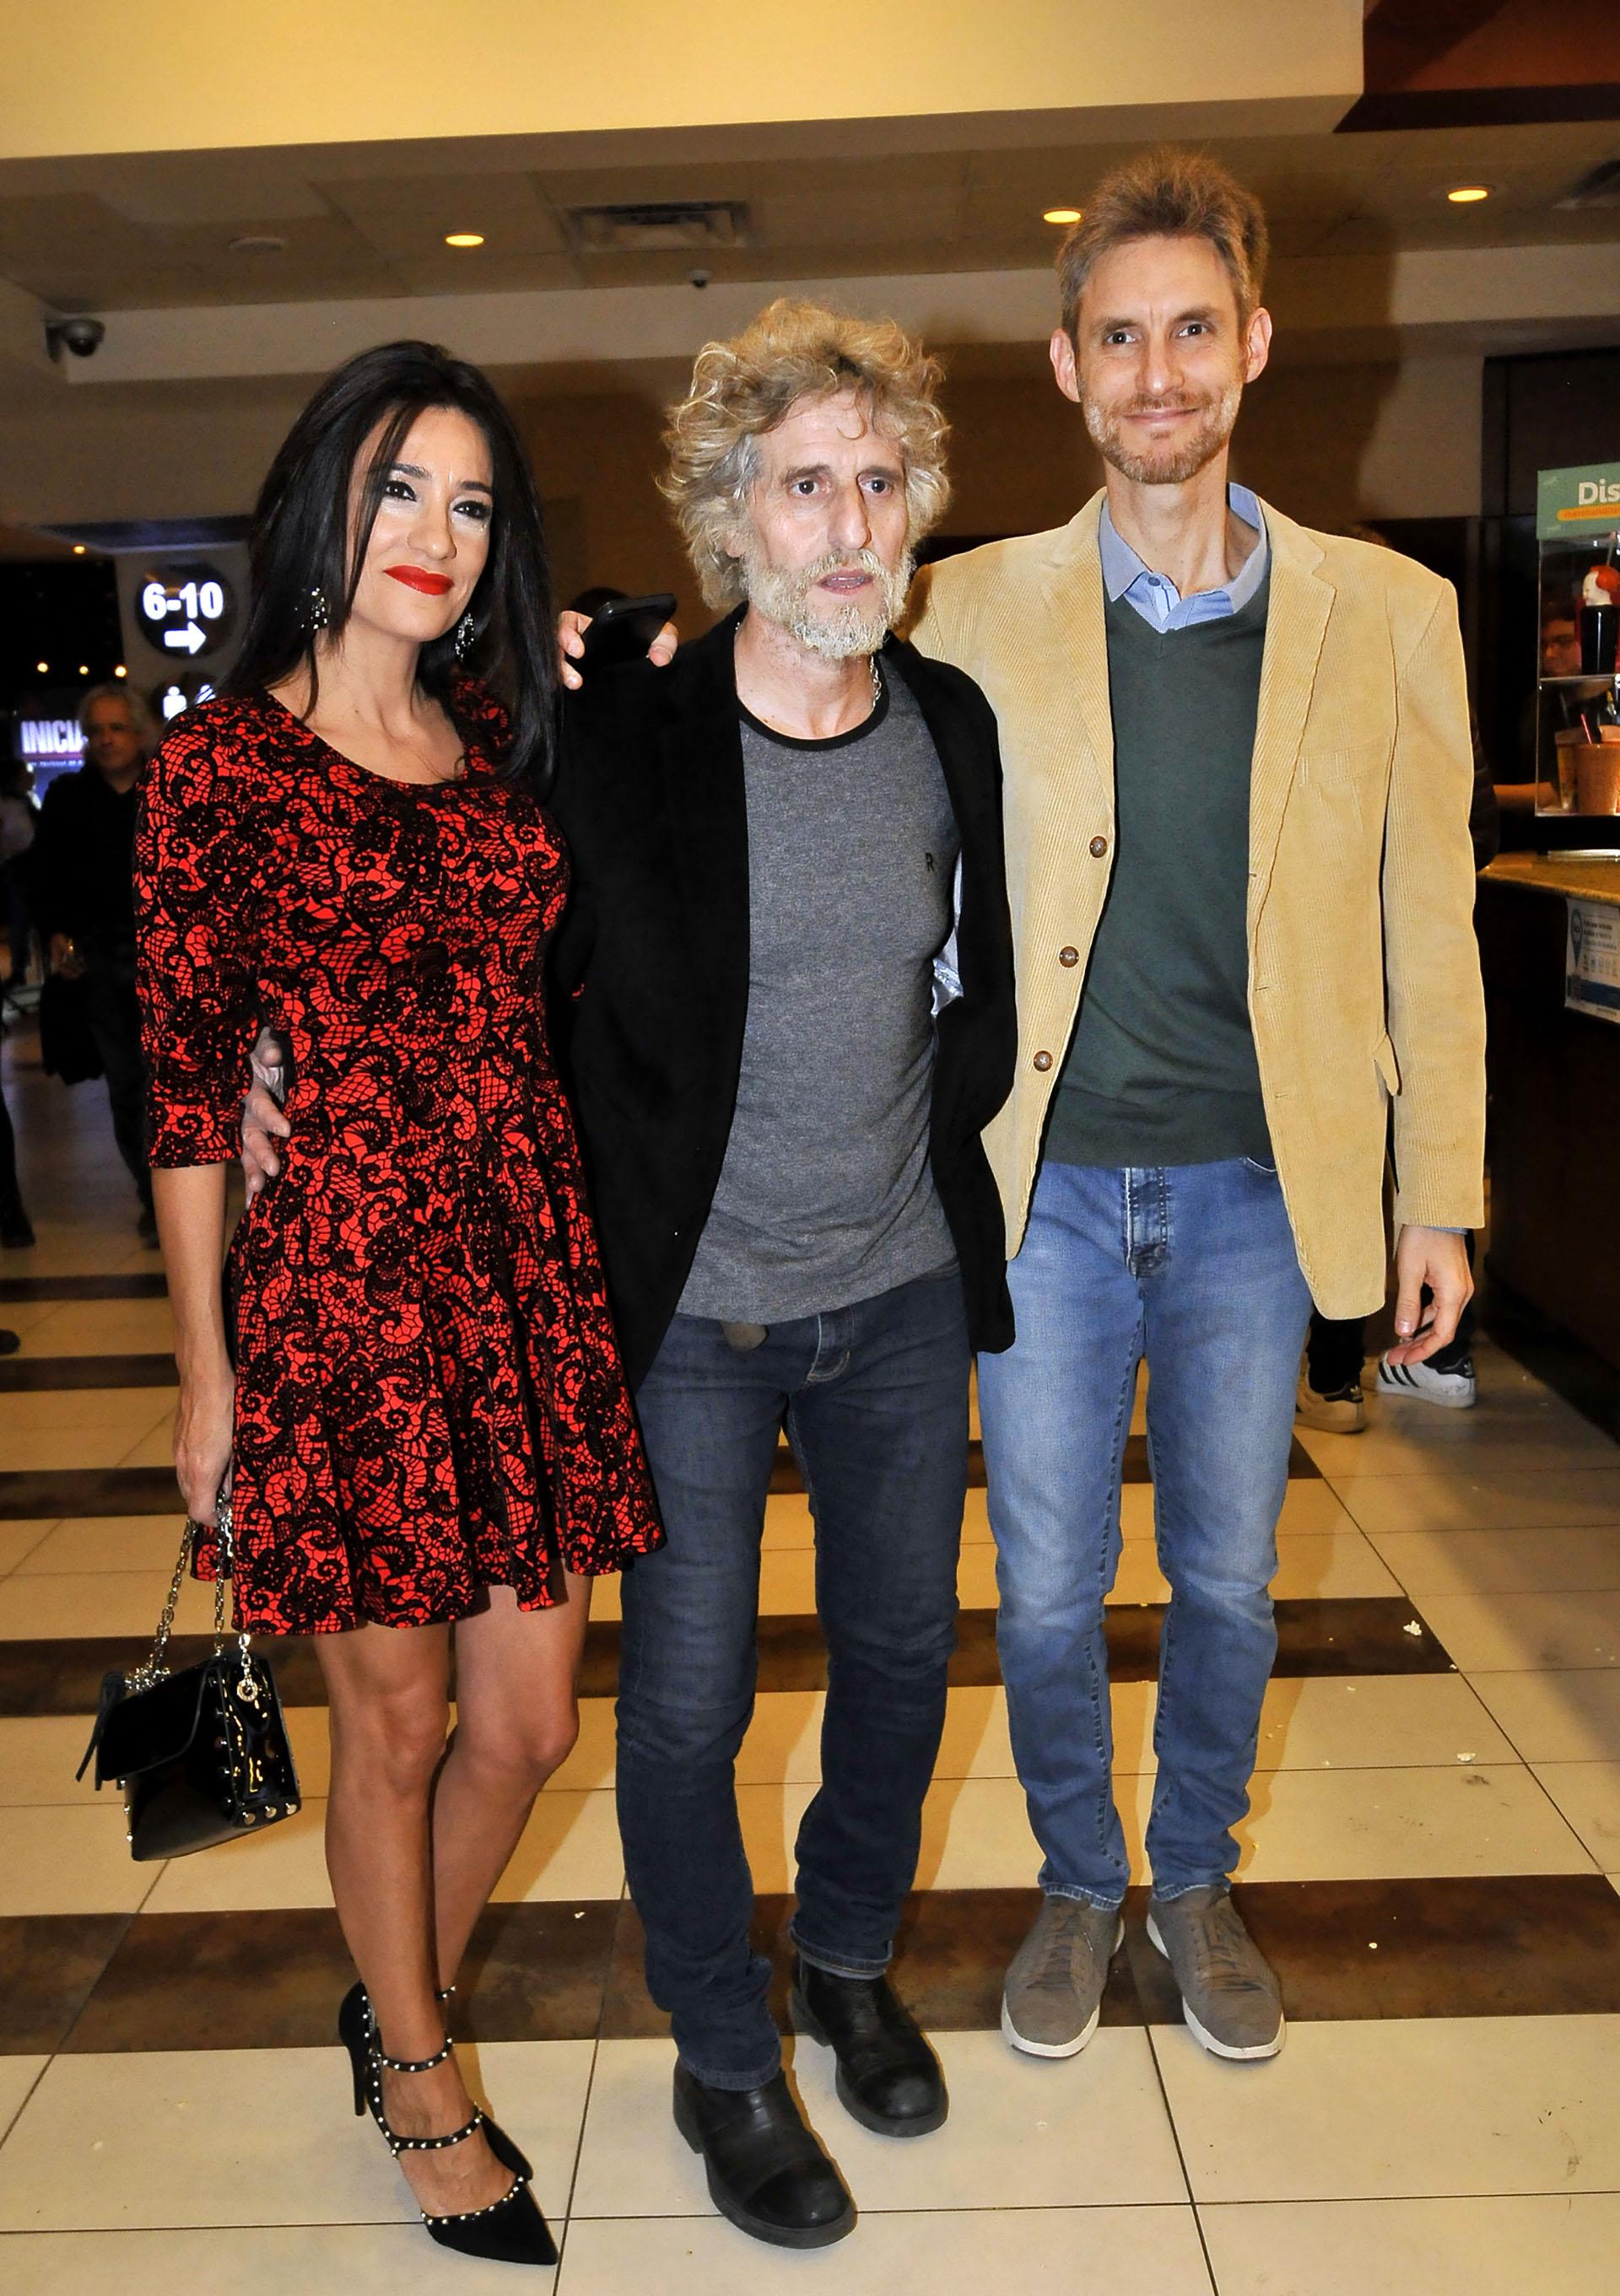 Peretti se pone en la piel deSergio Gainsbourg, un veterano argentino que aspira a ser una estrella de cine. El artista debe lidiar con una carrera que no logra encaminar, un romance que no le interesa y un crimen que no quiso cometer